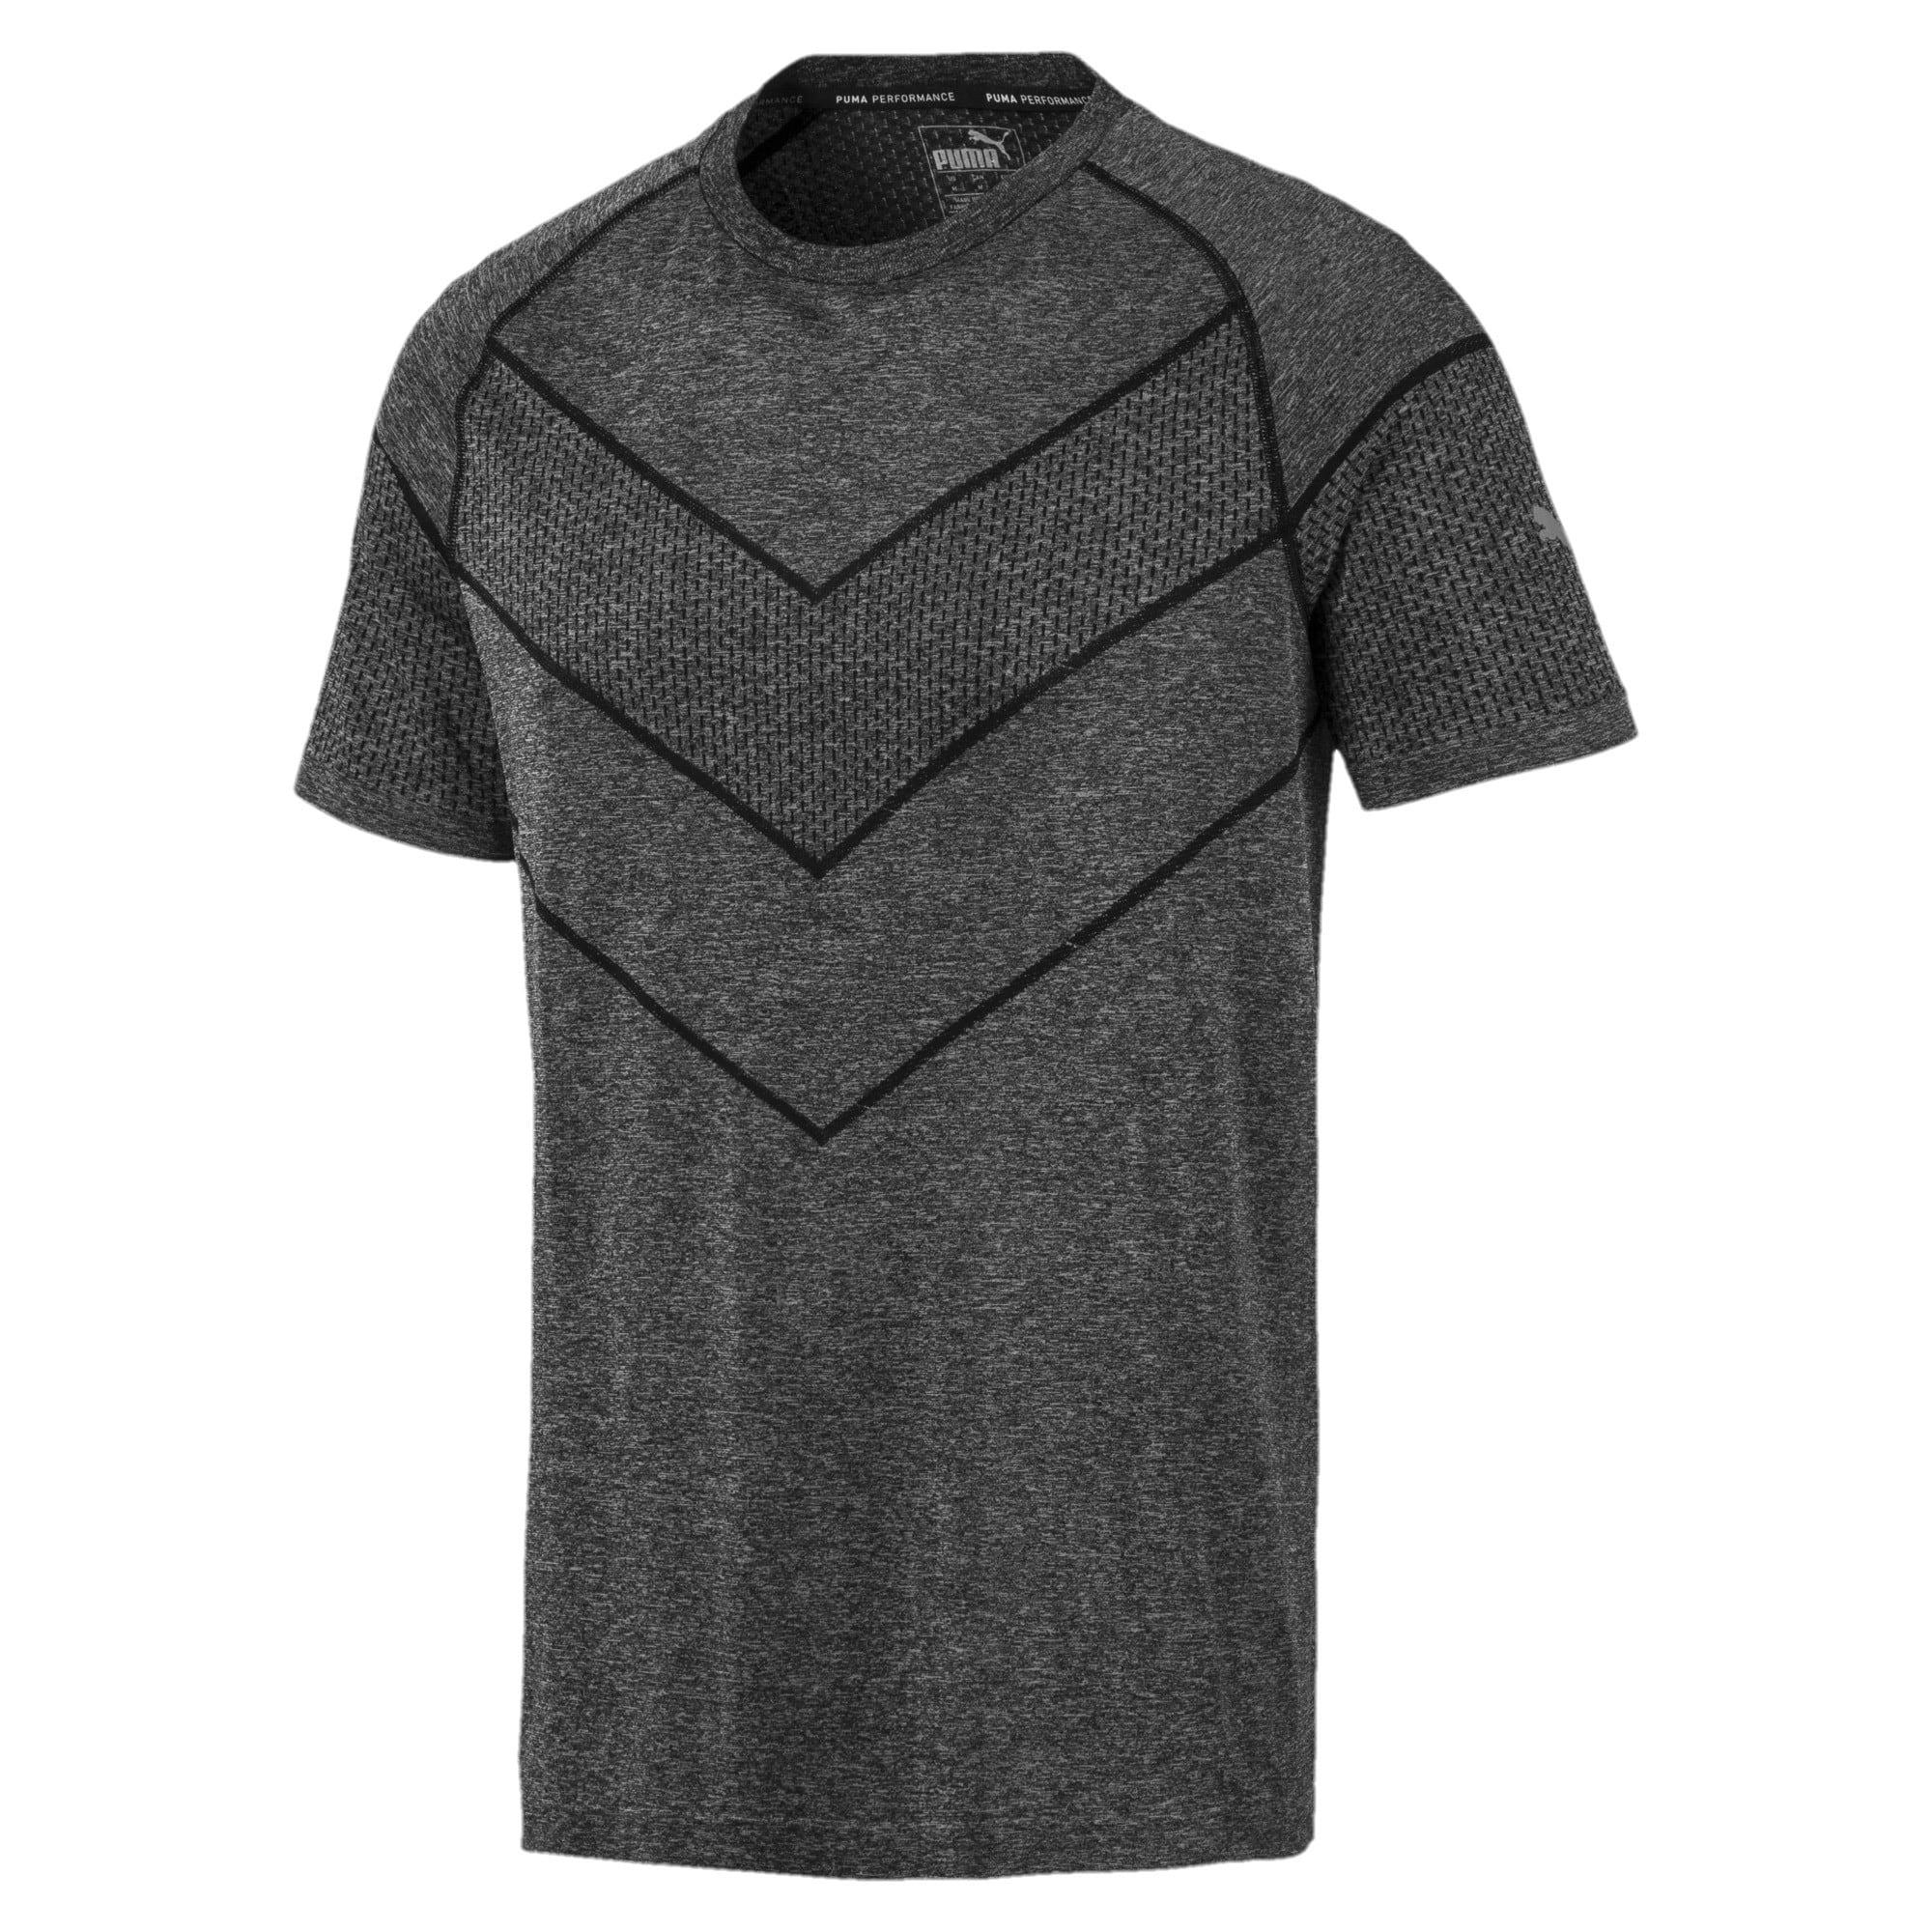 Miniatura 4 de Camiseta Reactive evoKNIT para hombre, Puma Black Heather, mediano